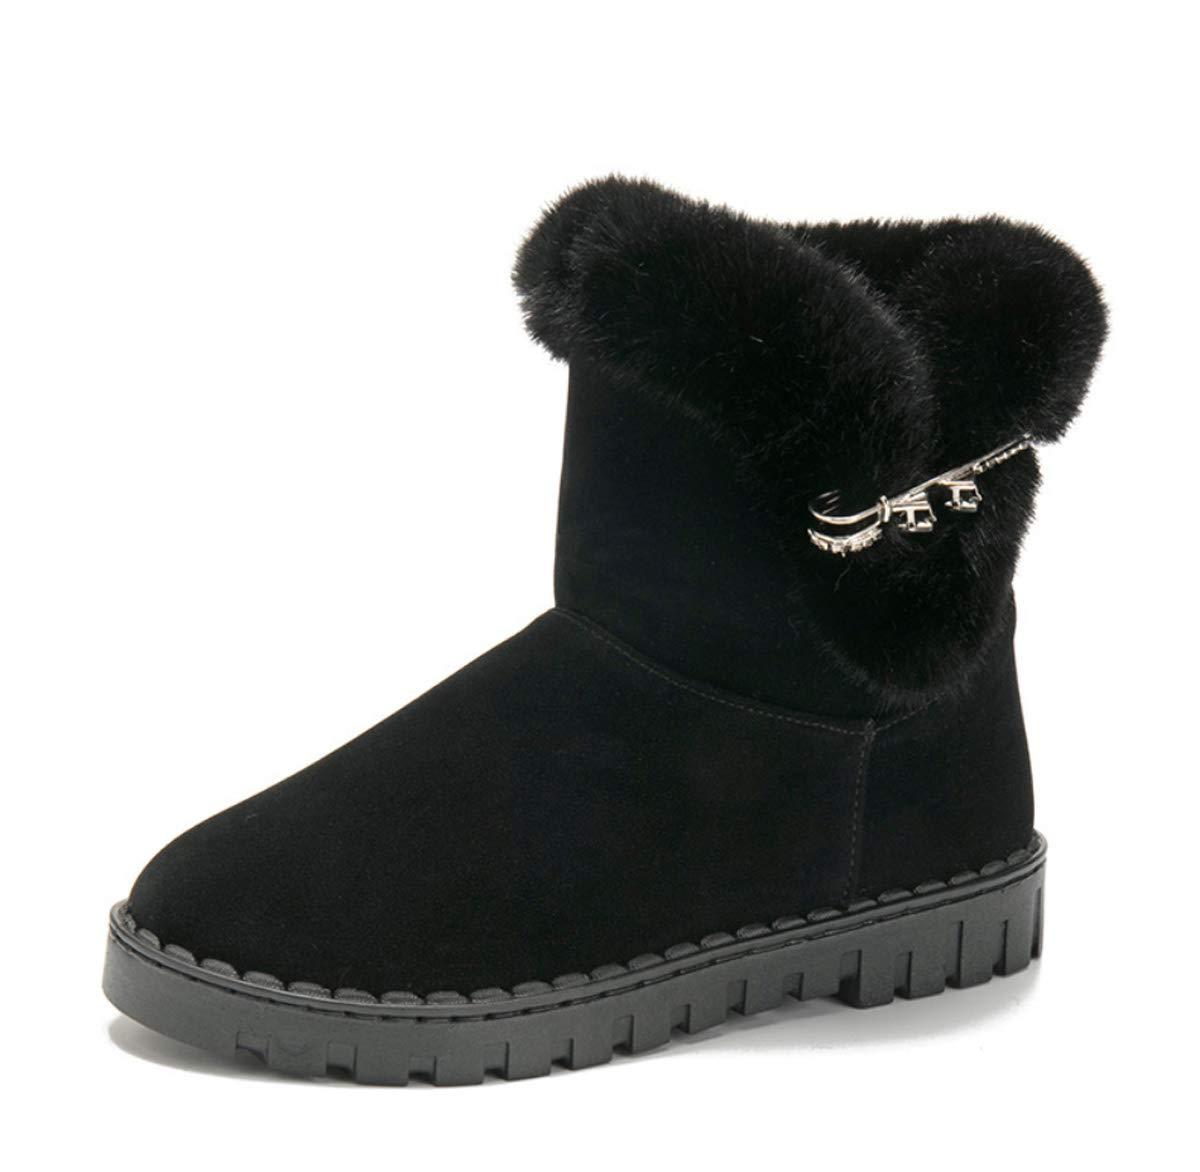 DANDANJIE Girls Stiefel Winter Warm Warm Warm Snow Stiefel damen Flat Heel Ankle Stiefel Fashion Casual schuhe (schwarz grau) 464973